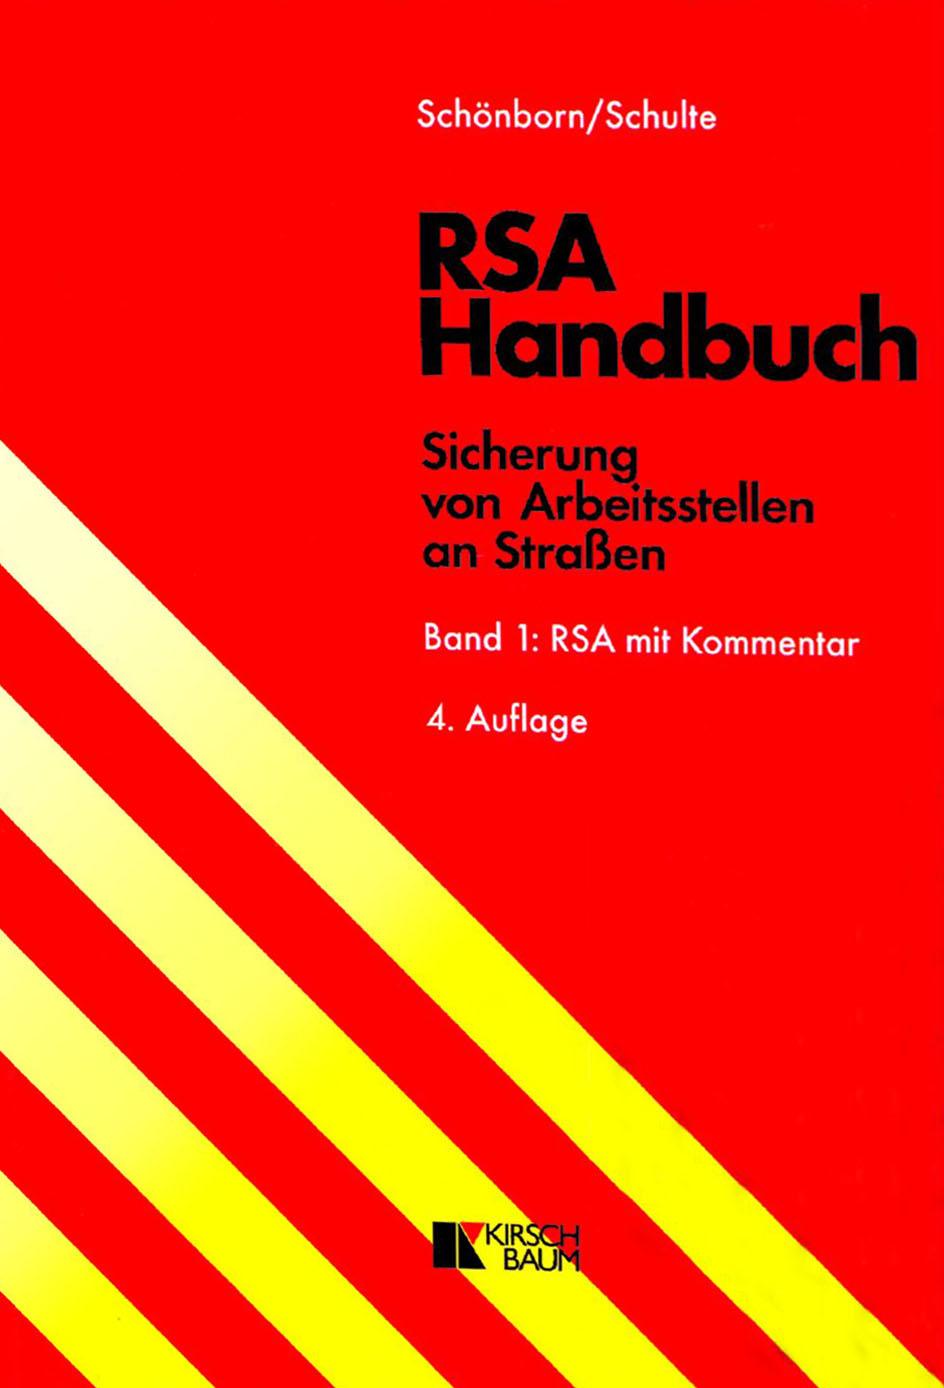 RSA Handbuch von Schake Workshop